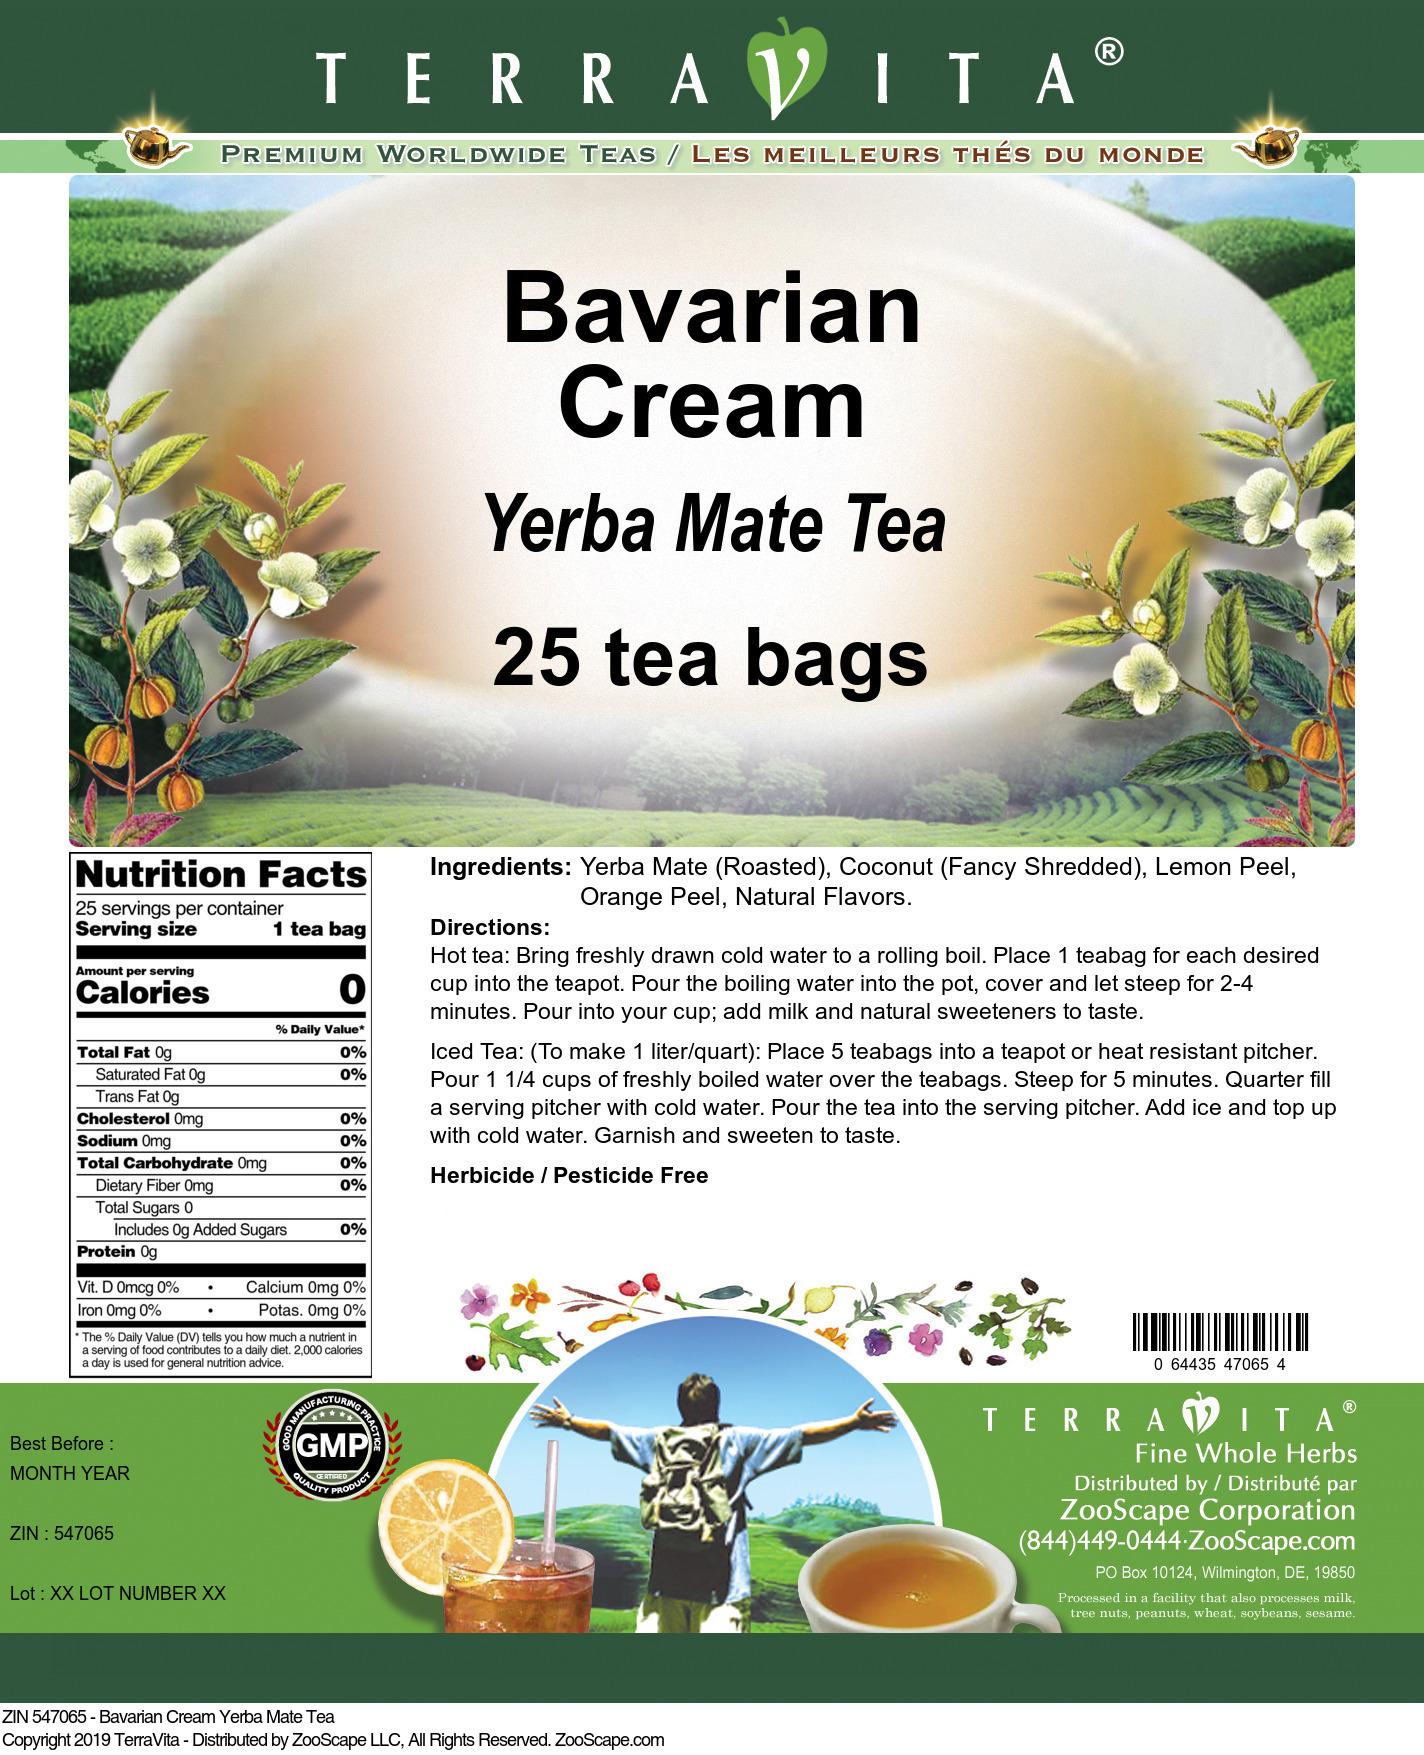 Bavarian Cream Yerba Mate